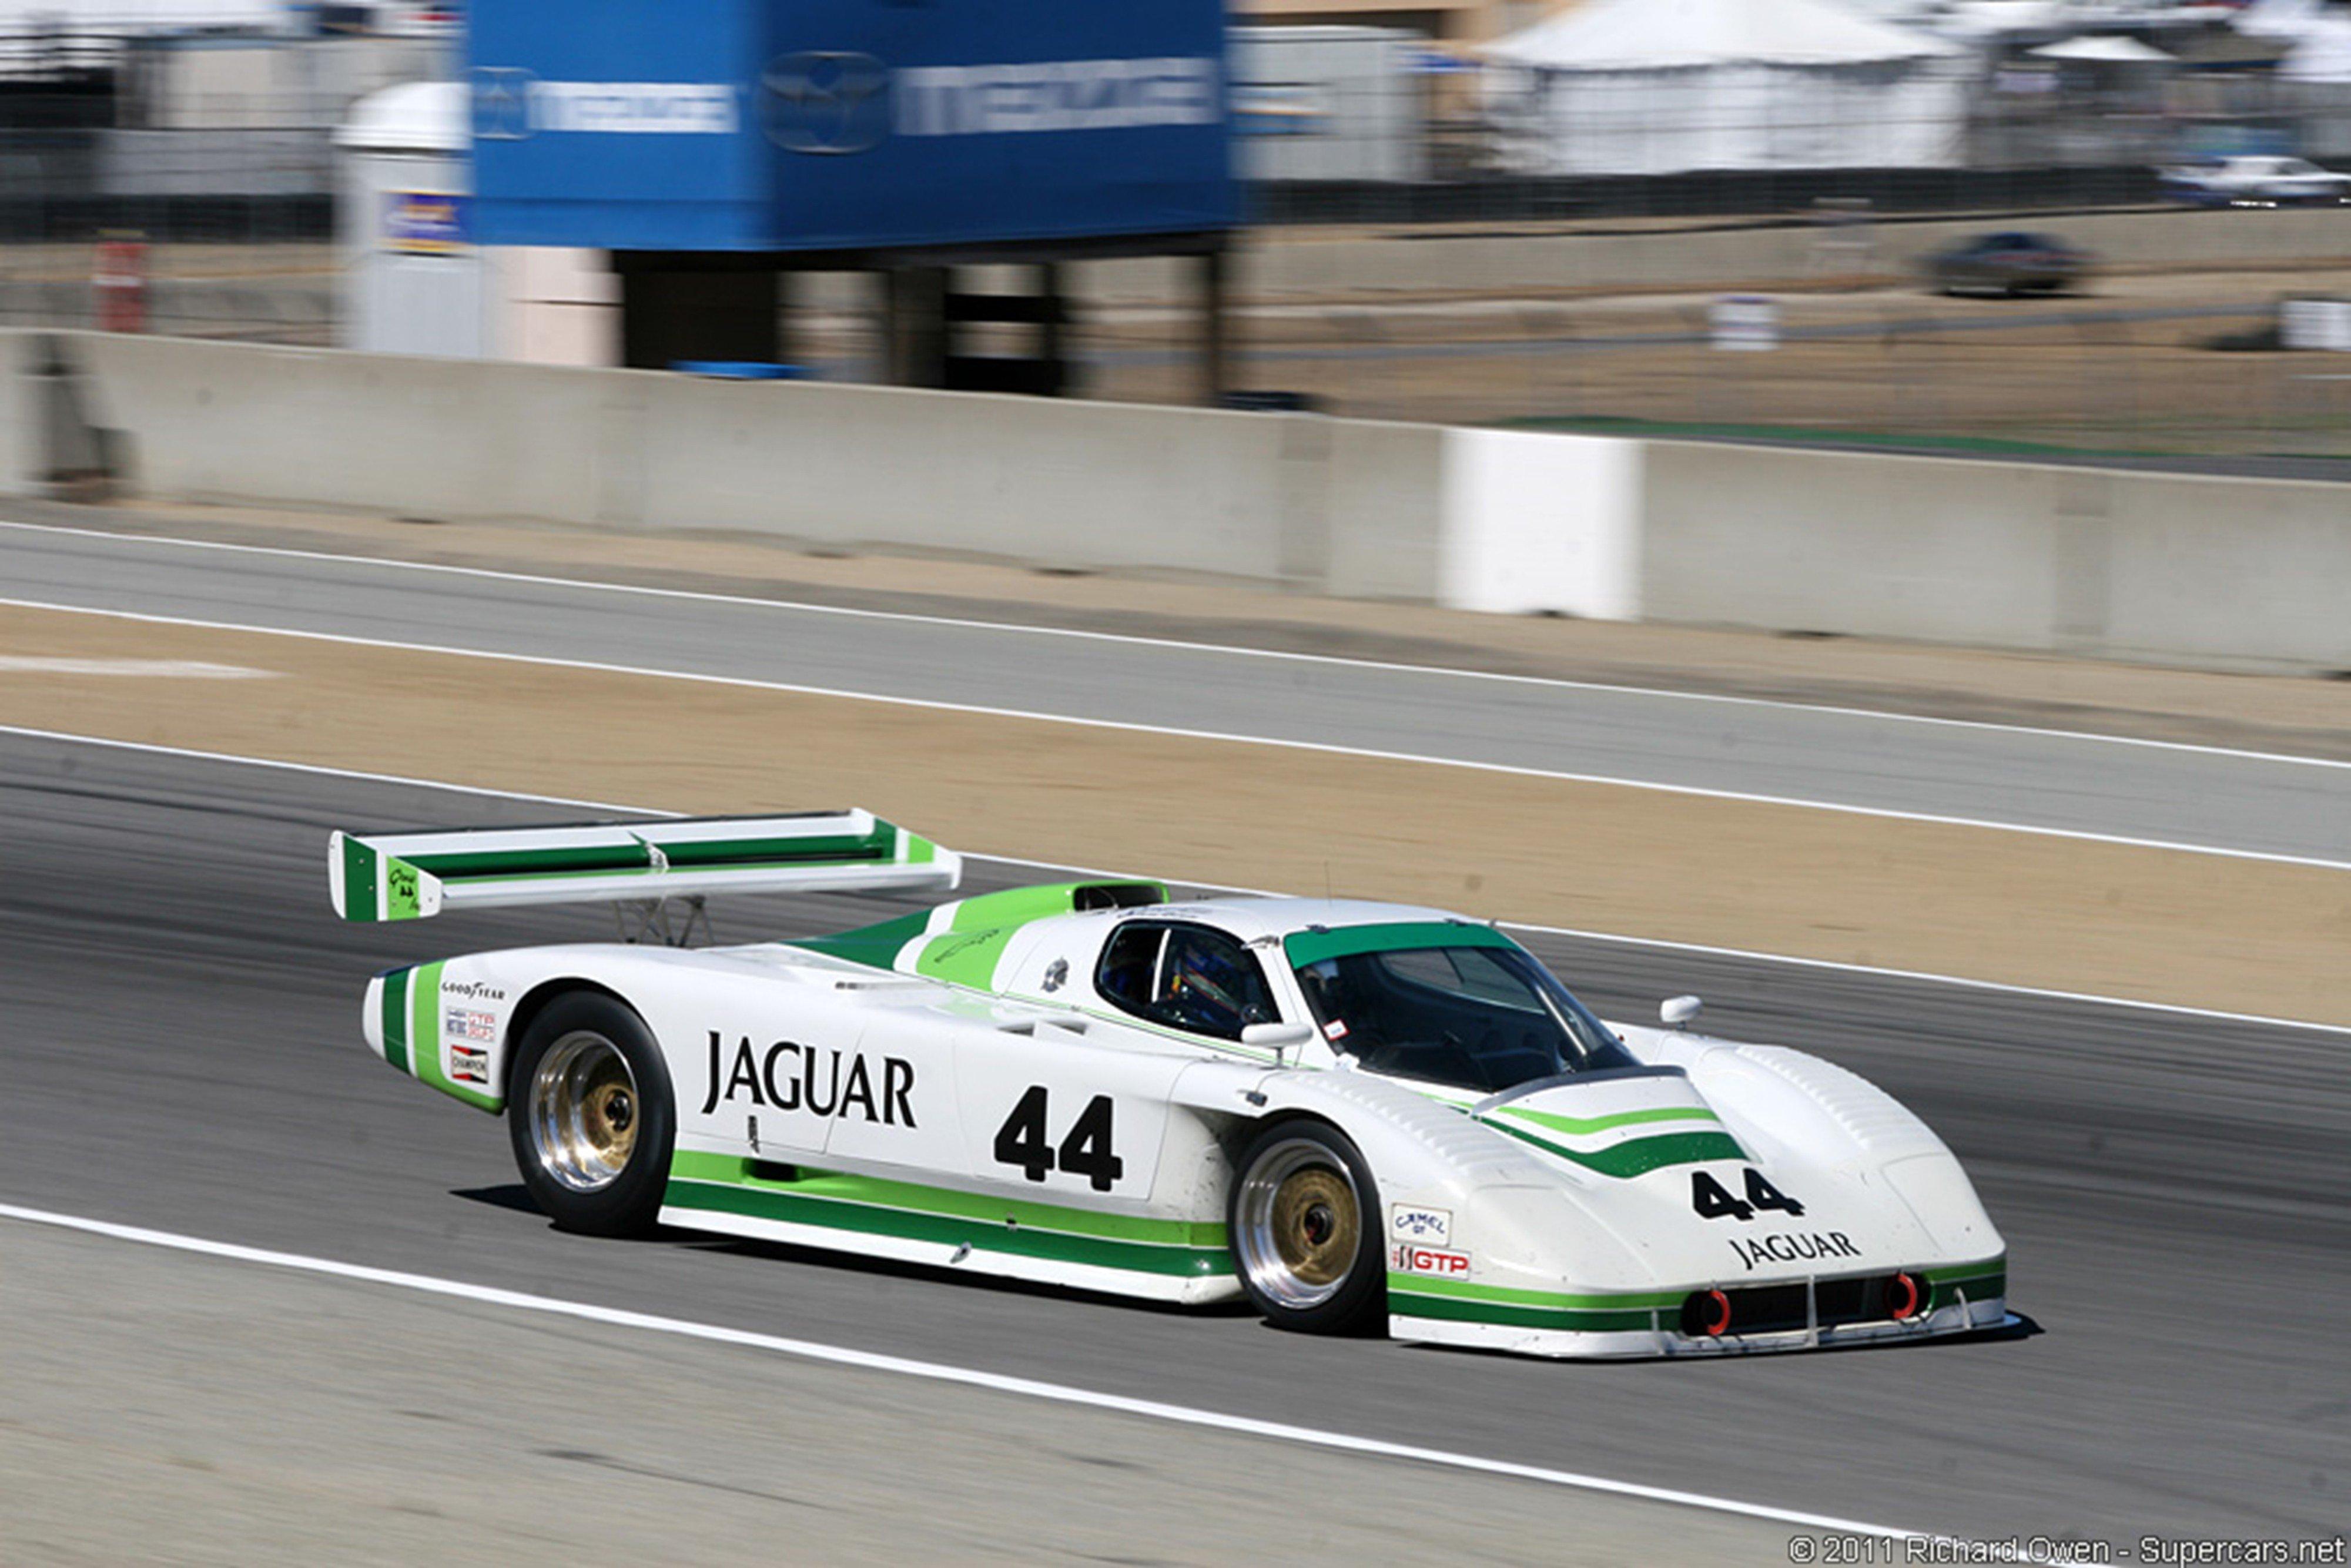 1986 Jaguar XJR-7 Race Car Classic Vehicle Racing Retro Le ...